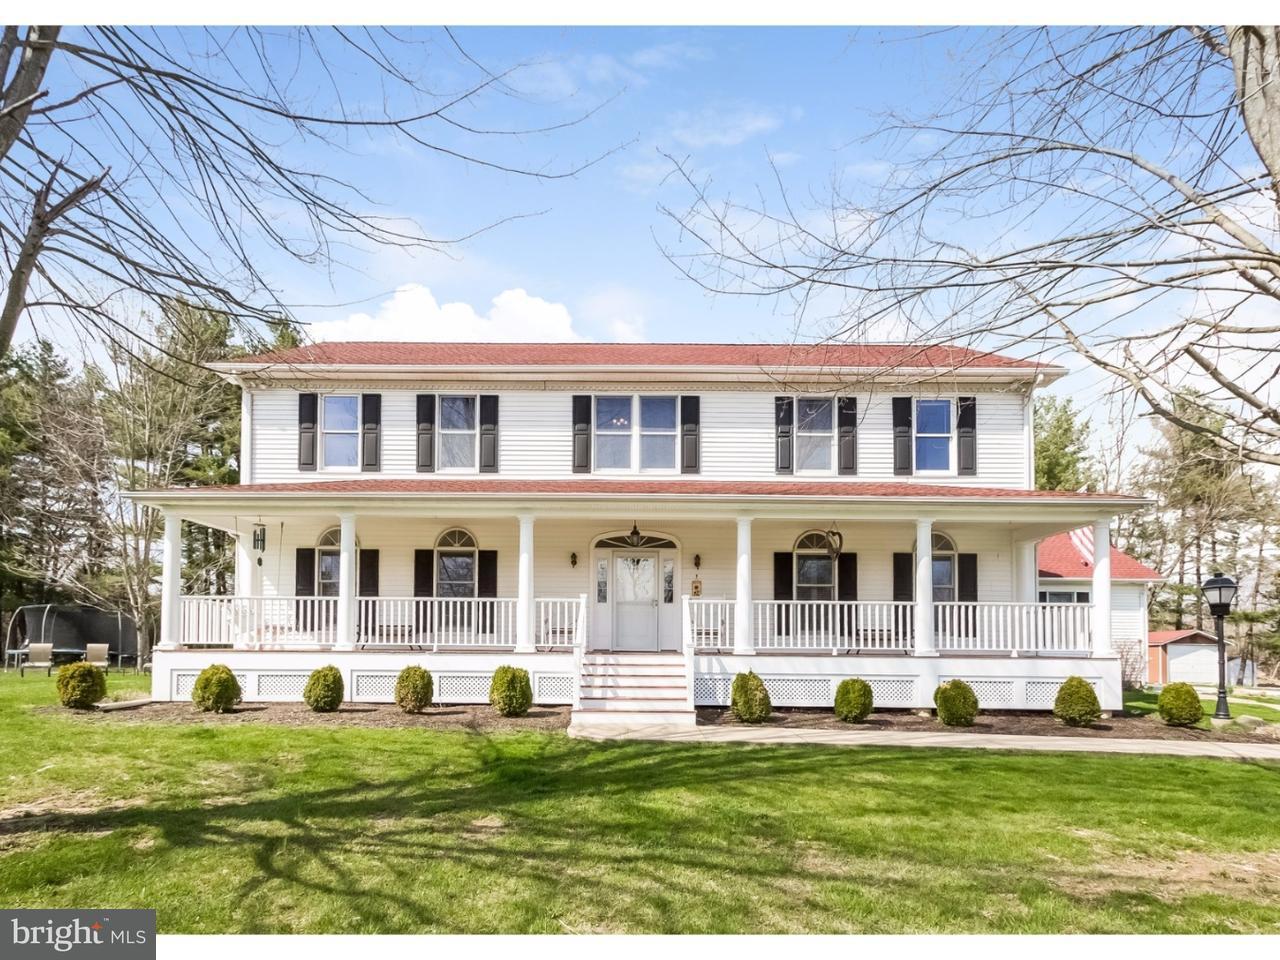 Casa Unifamiliar por un Venta en 313 BYRAM KINGWOOD Road Frenchtown, Nueva Jersey 08825 Estados UnidosEn/Alrededor: Kingwood Township